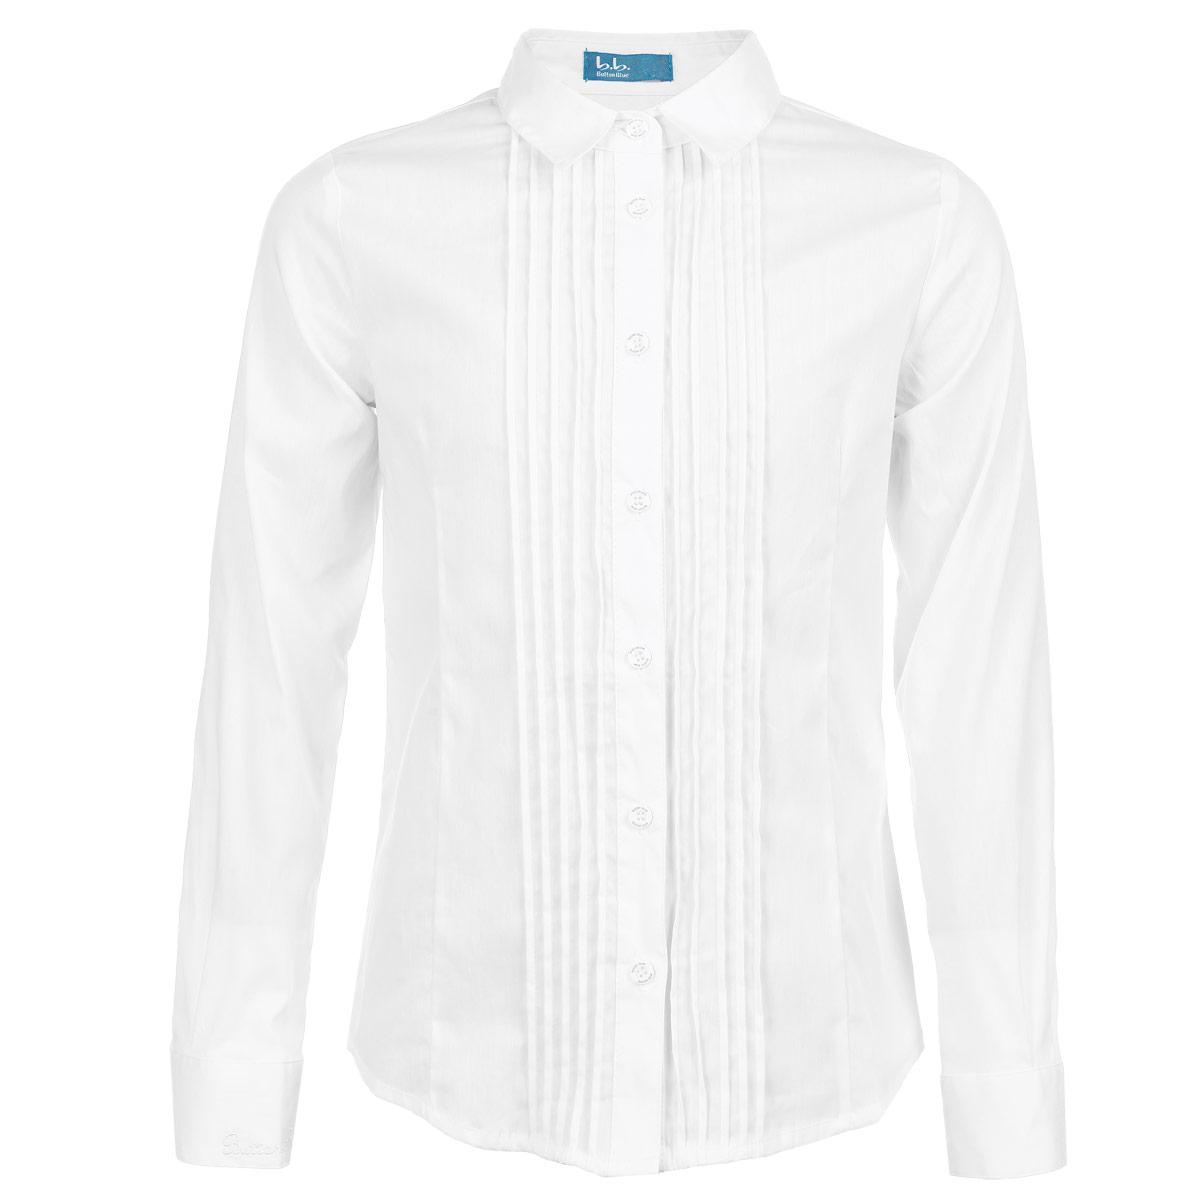 Блуза для девочки. 215BBGS2203215BBGS2203Классическая блуза для девочки Orby идеально подойдет для школы. Изготовленная из полиэстера с добавлением нейлона и эластана, она необычайно мягкая, легкая и приятная на ощупь, не сковывает движения и позволяет коже дышать, не раздражает даже самую нежную и чувствительную кожу ребенка, обеспечивая ему наибольший комфорт. Блузка с отложным воротничком и длинными рукавами застегивается на пластиковые пуговицы по всей длине. Рукава дополнены широкими манжетами на пуговицах. Спереди изделие оформлено защипами, что придает изделию оригинальность. Низ изделия по бокам закруглен. Правый рукав оформлен вышивкой в виде названия бренда. Такая блуза - незаменимая вещь для школьной формы, отлично сочетается с юбками, брюками и сарафанами. Эта модель всегда выглядит великолепно!